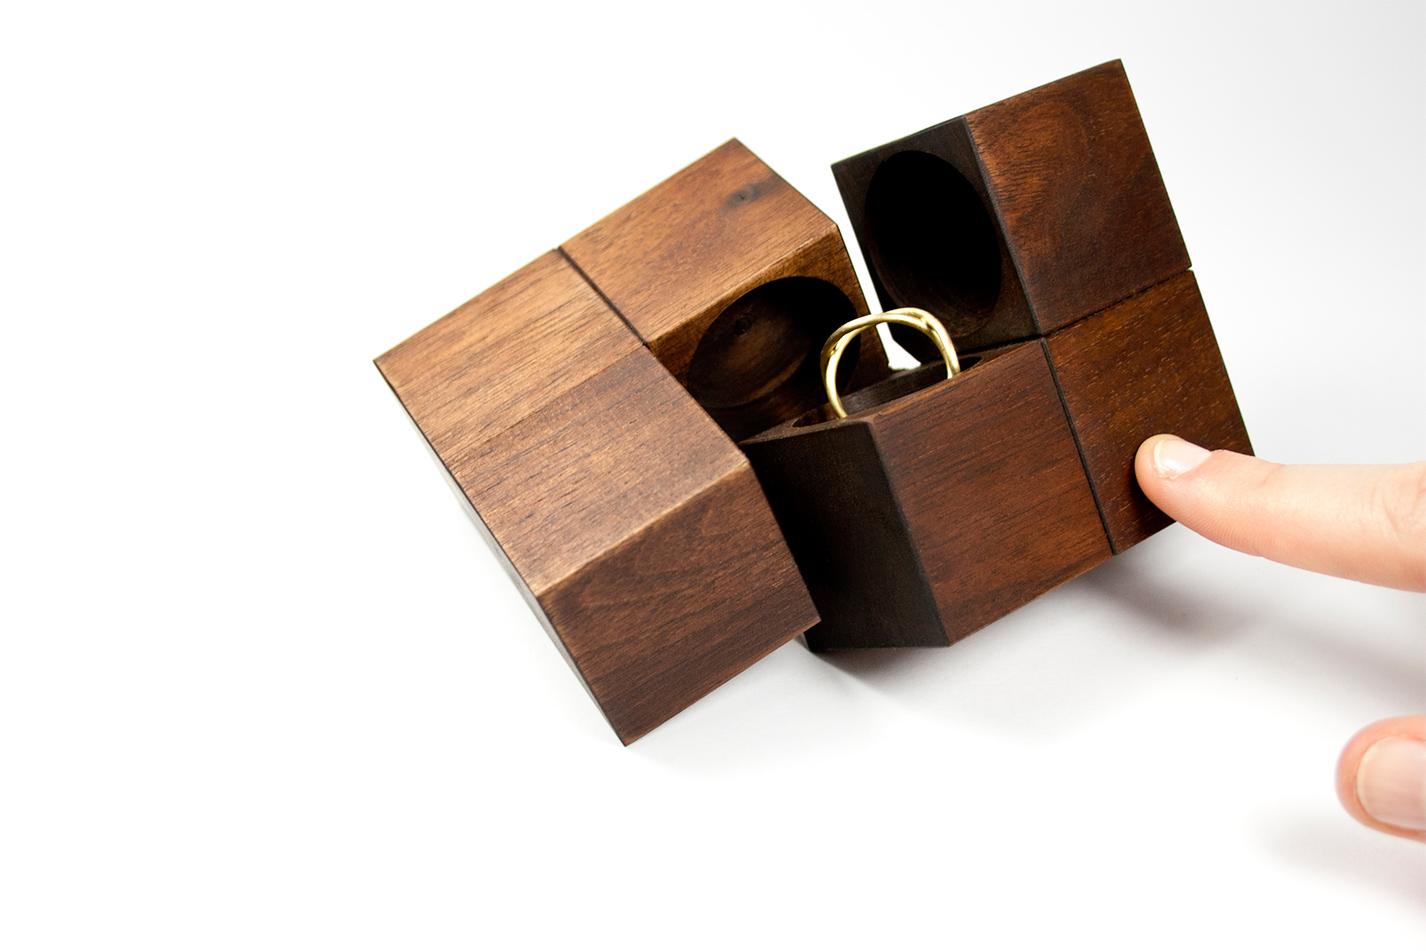 Klotz Ringbox Proposal